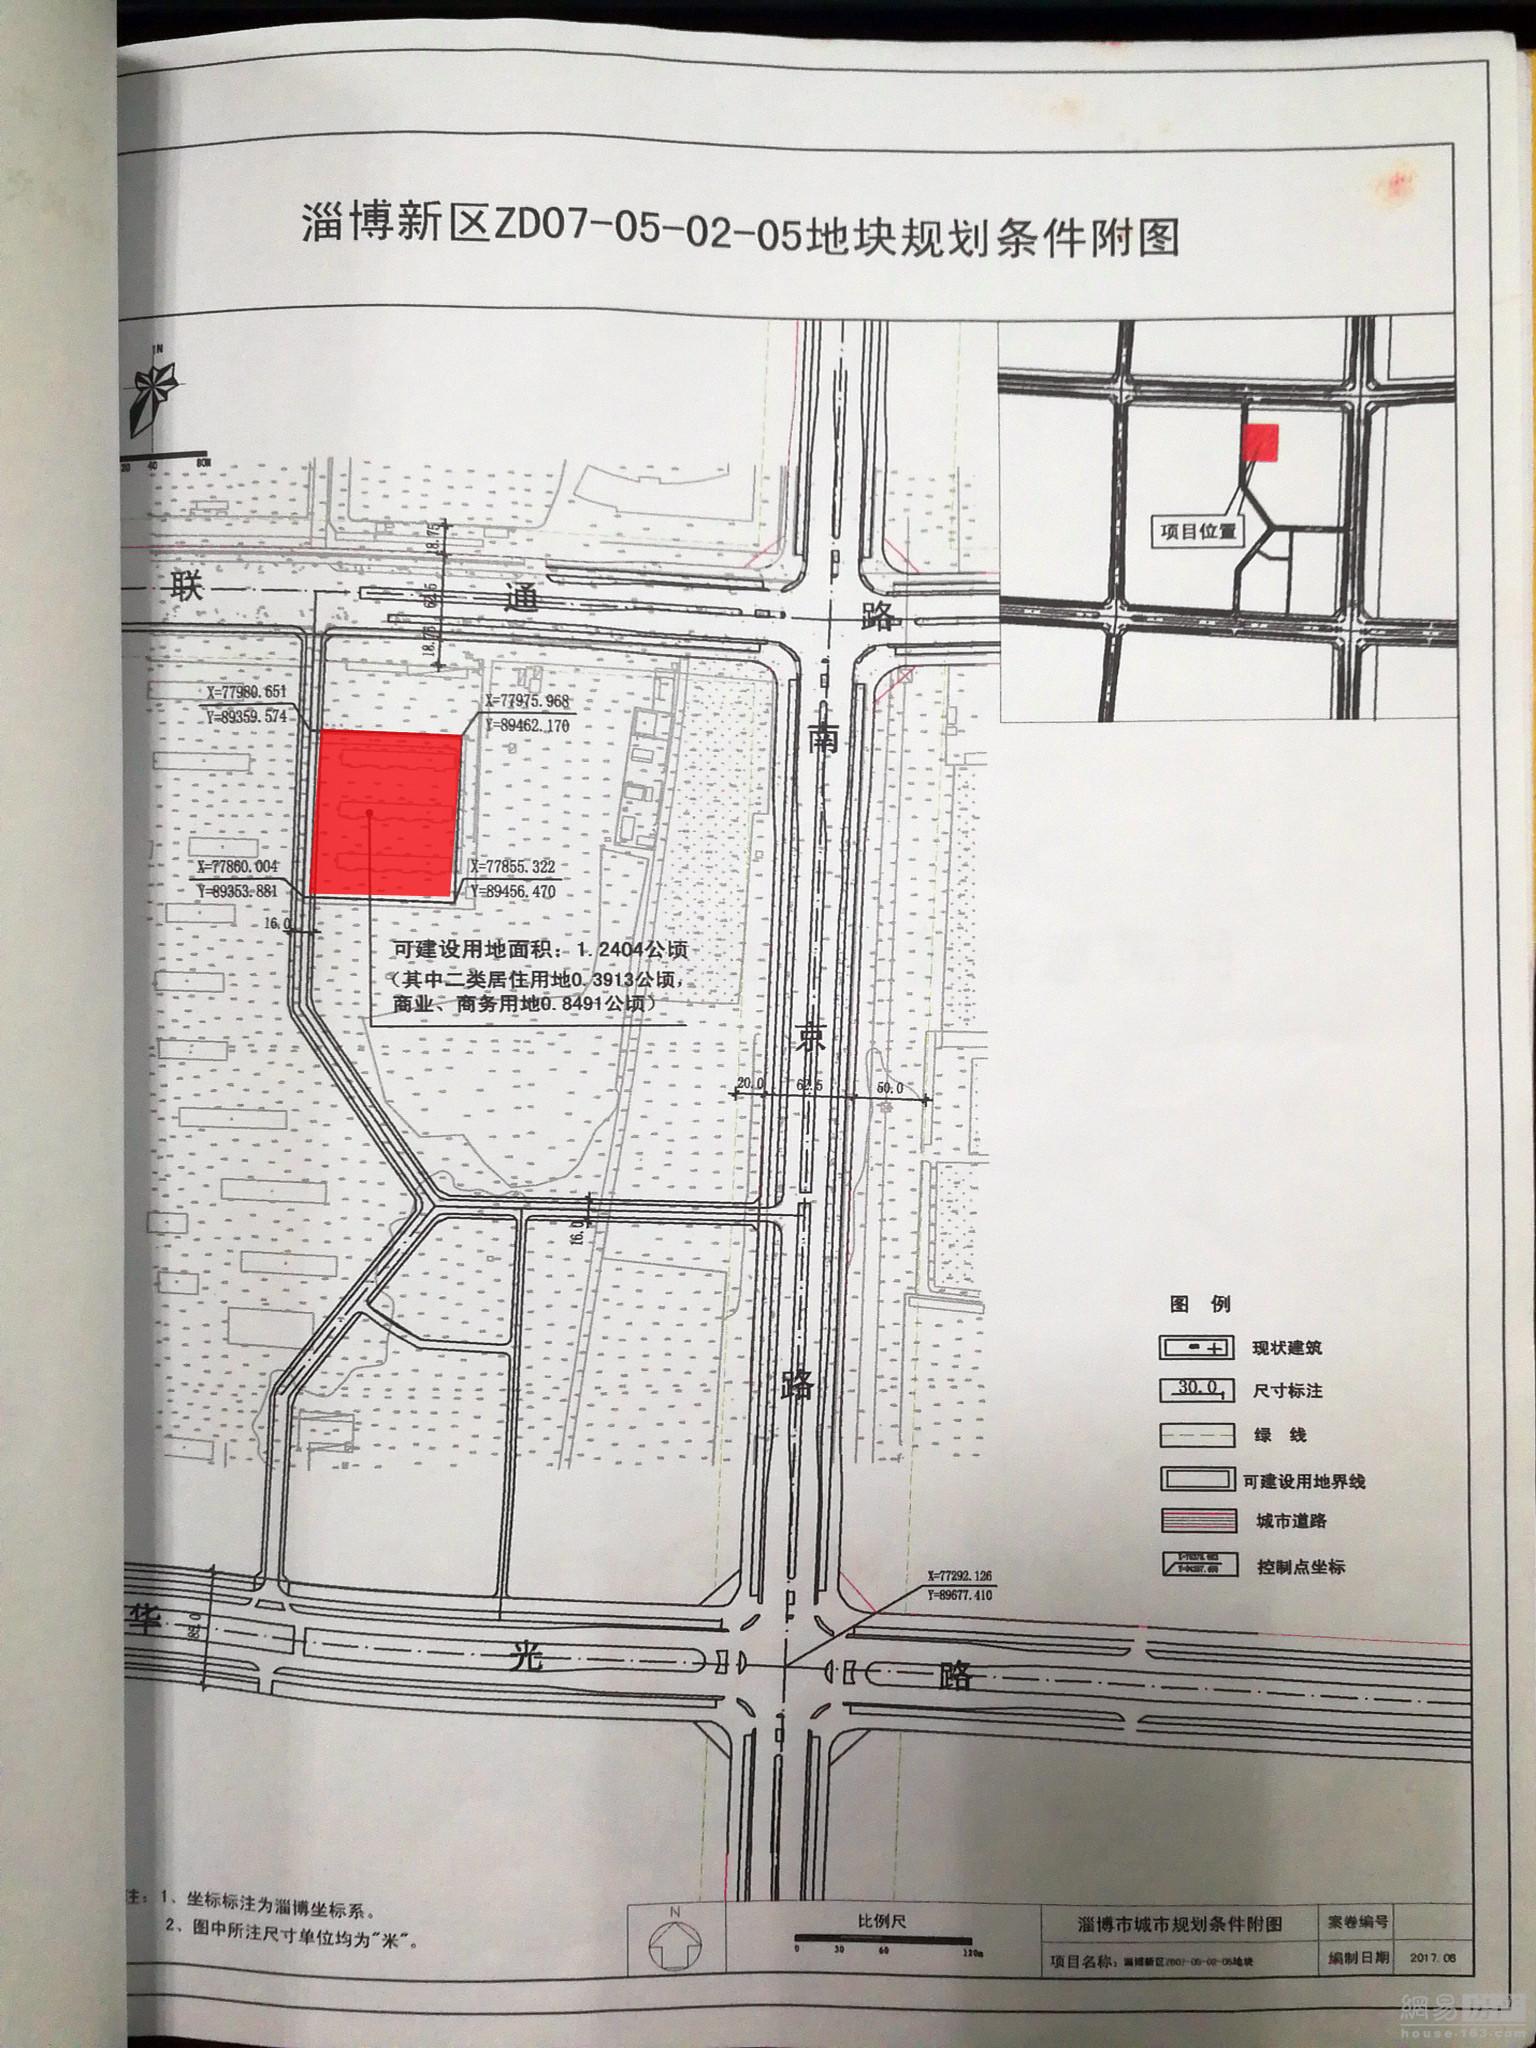 宏程总价5584万元连拍两地 打造一站式高档街区城市综